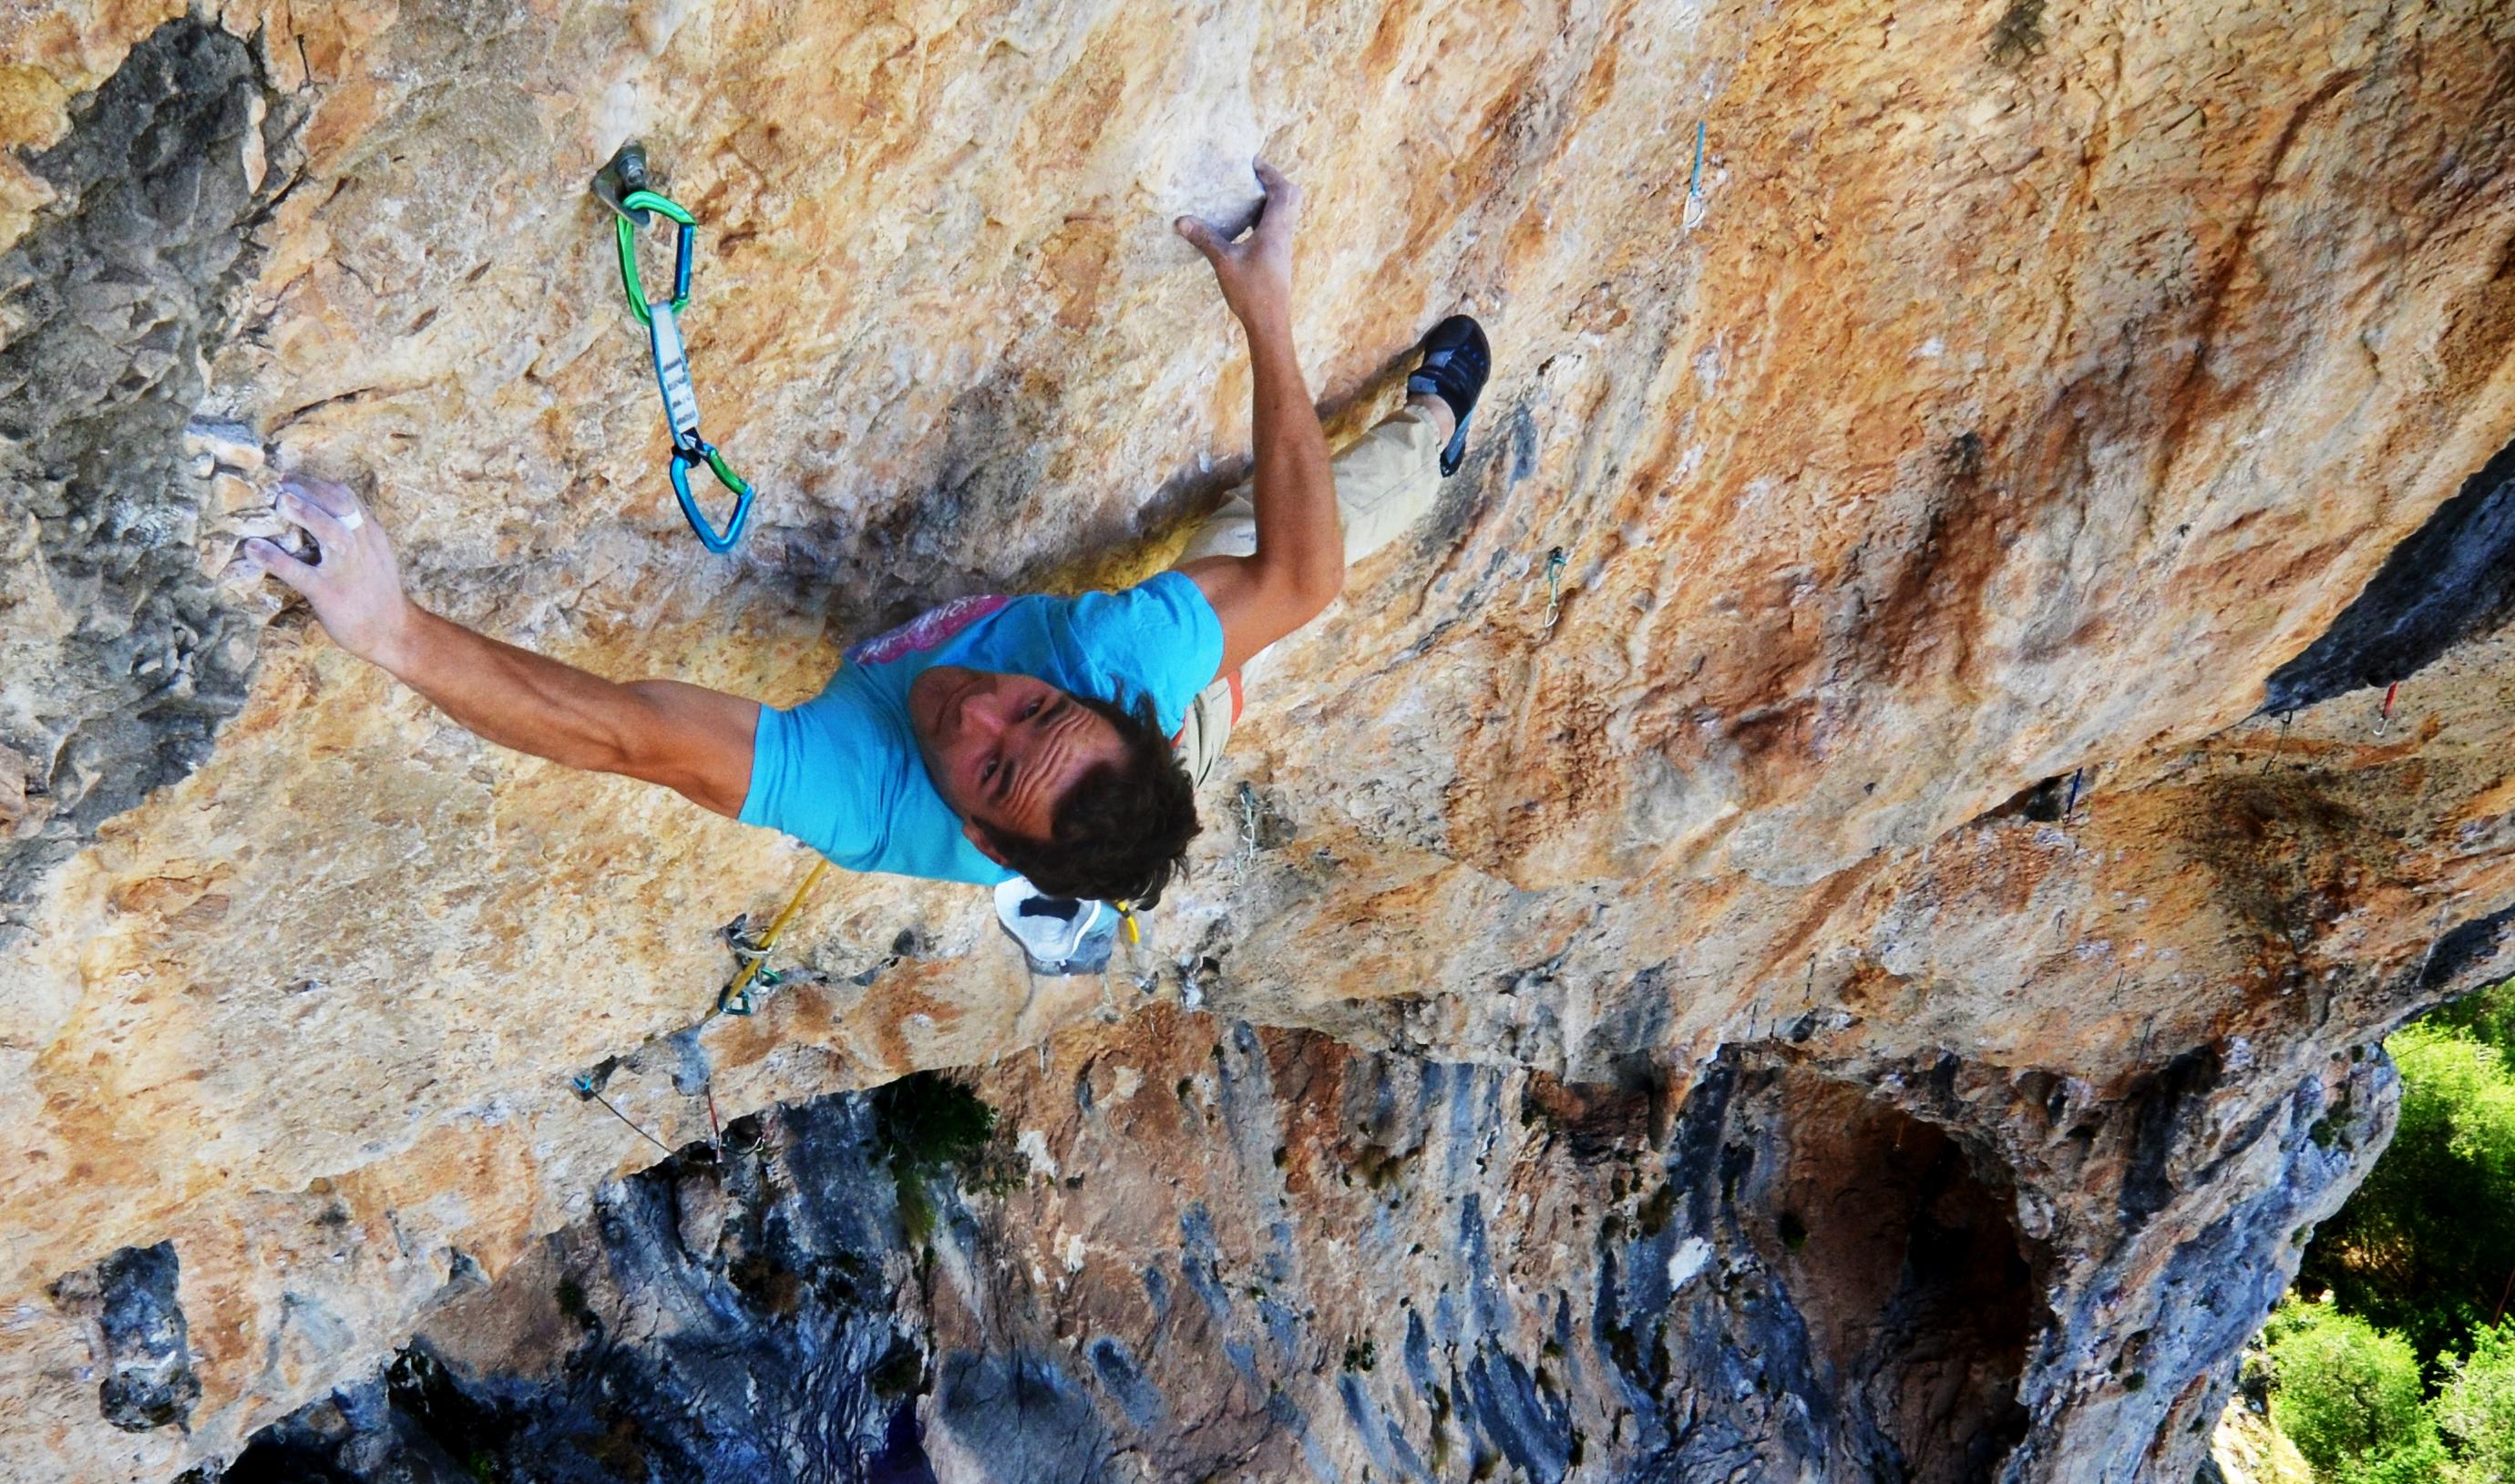 Marvin climbing Mandanga total (9a)